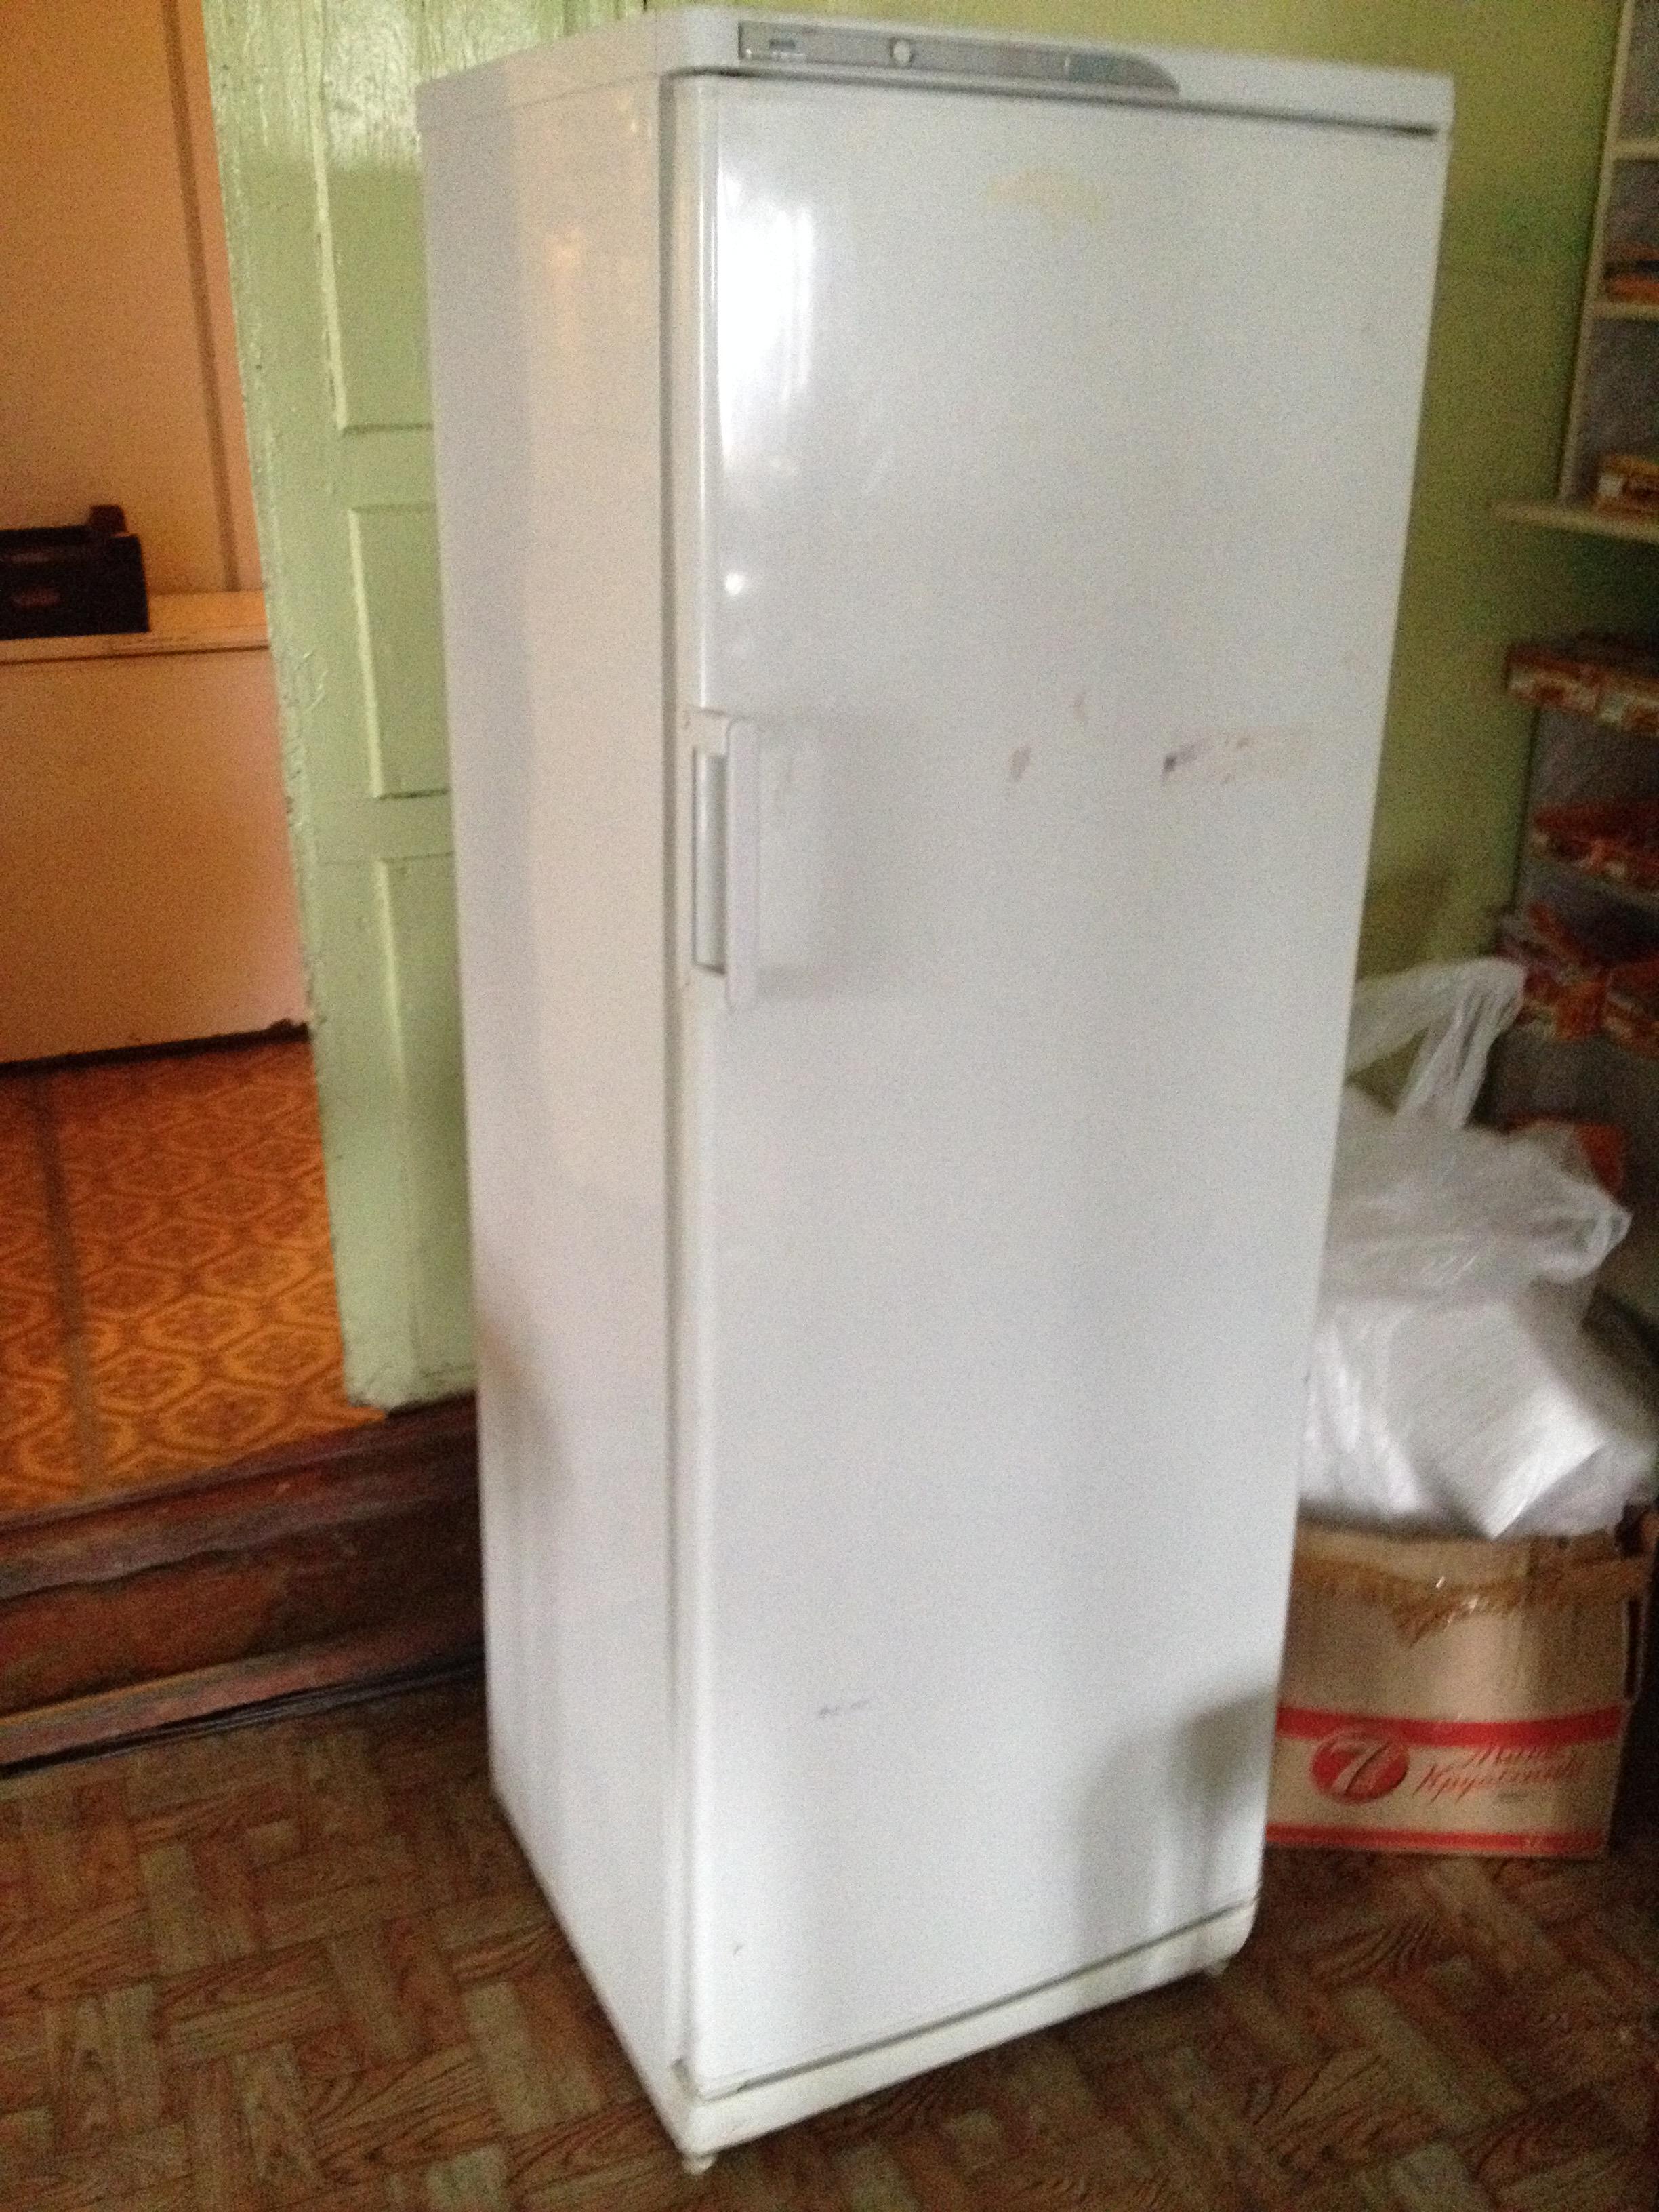 Ремонт отечественных холодильников зил частные объявления вдв 24 сыктывкар подать объявление